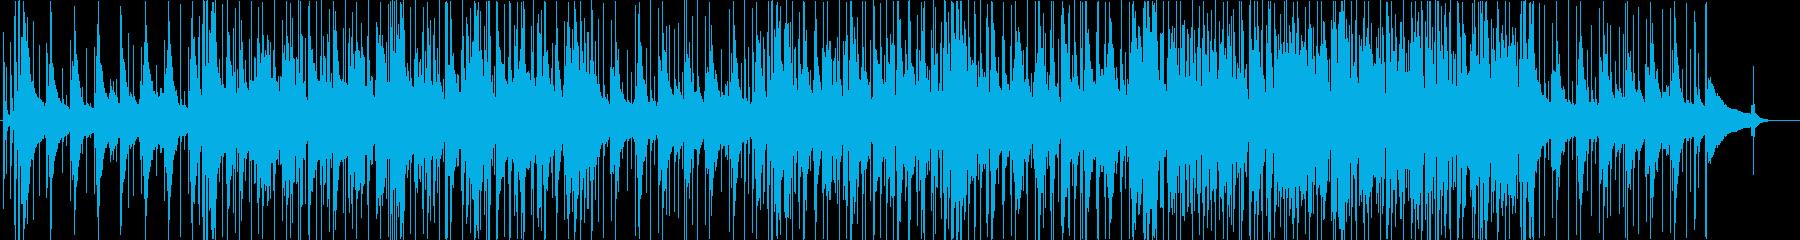 和風のちょっとおしゃれなJAZZ 三味線の再生済みの波形